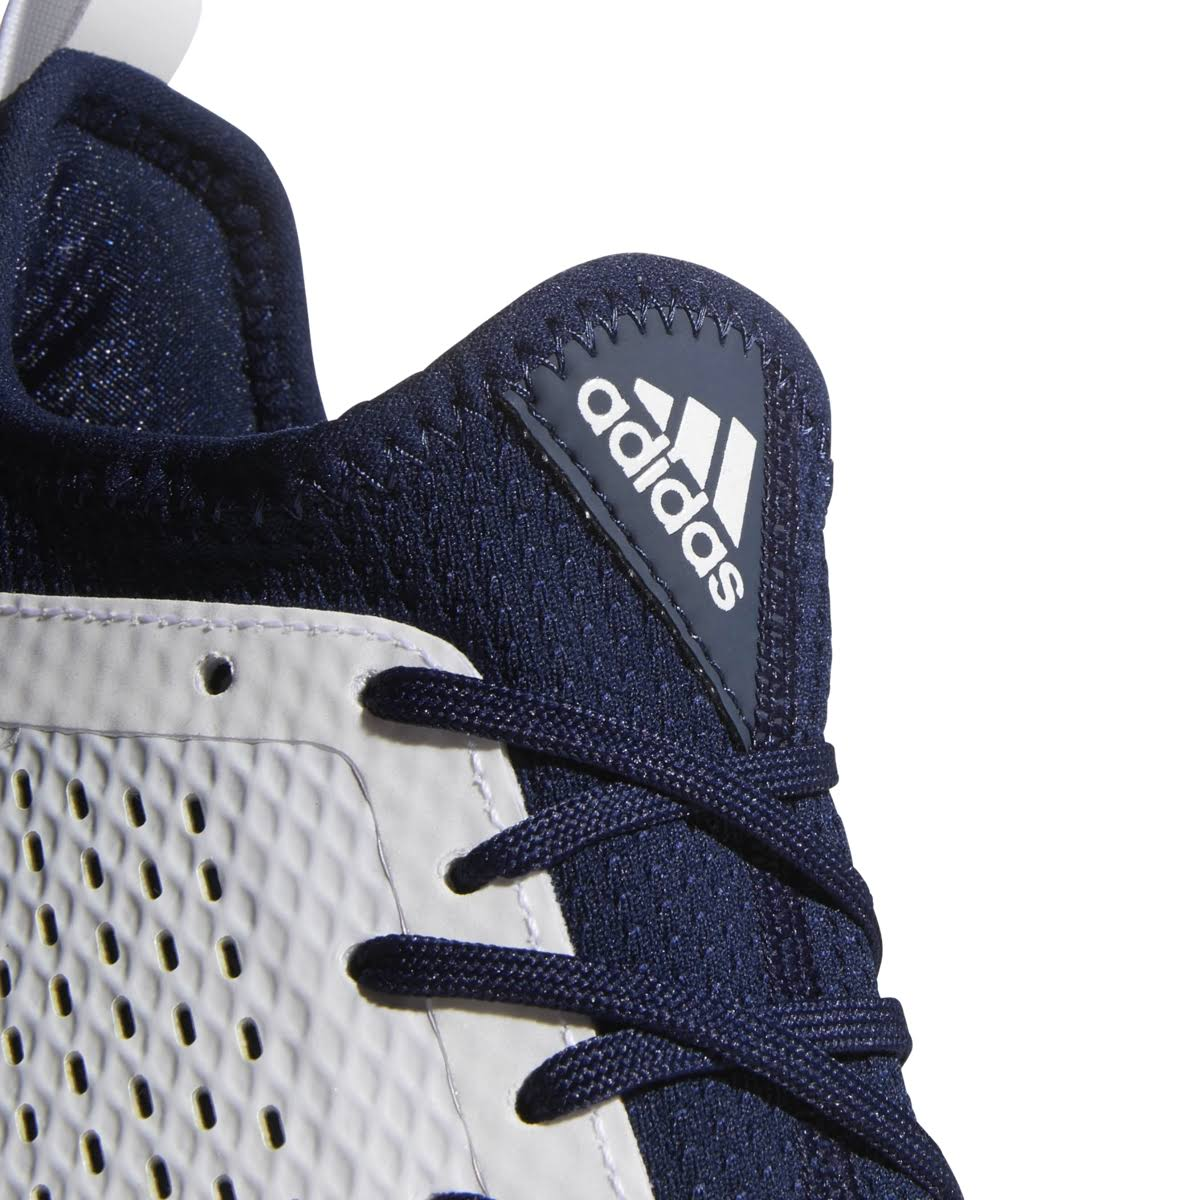 Blanco Hombre 7 5 Zapatos Marino Para Adidas Adizero 0 Da9549 Colegial 12 Tamaño Estrellas XPt0x